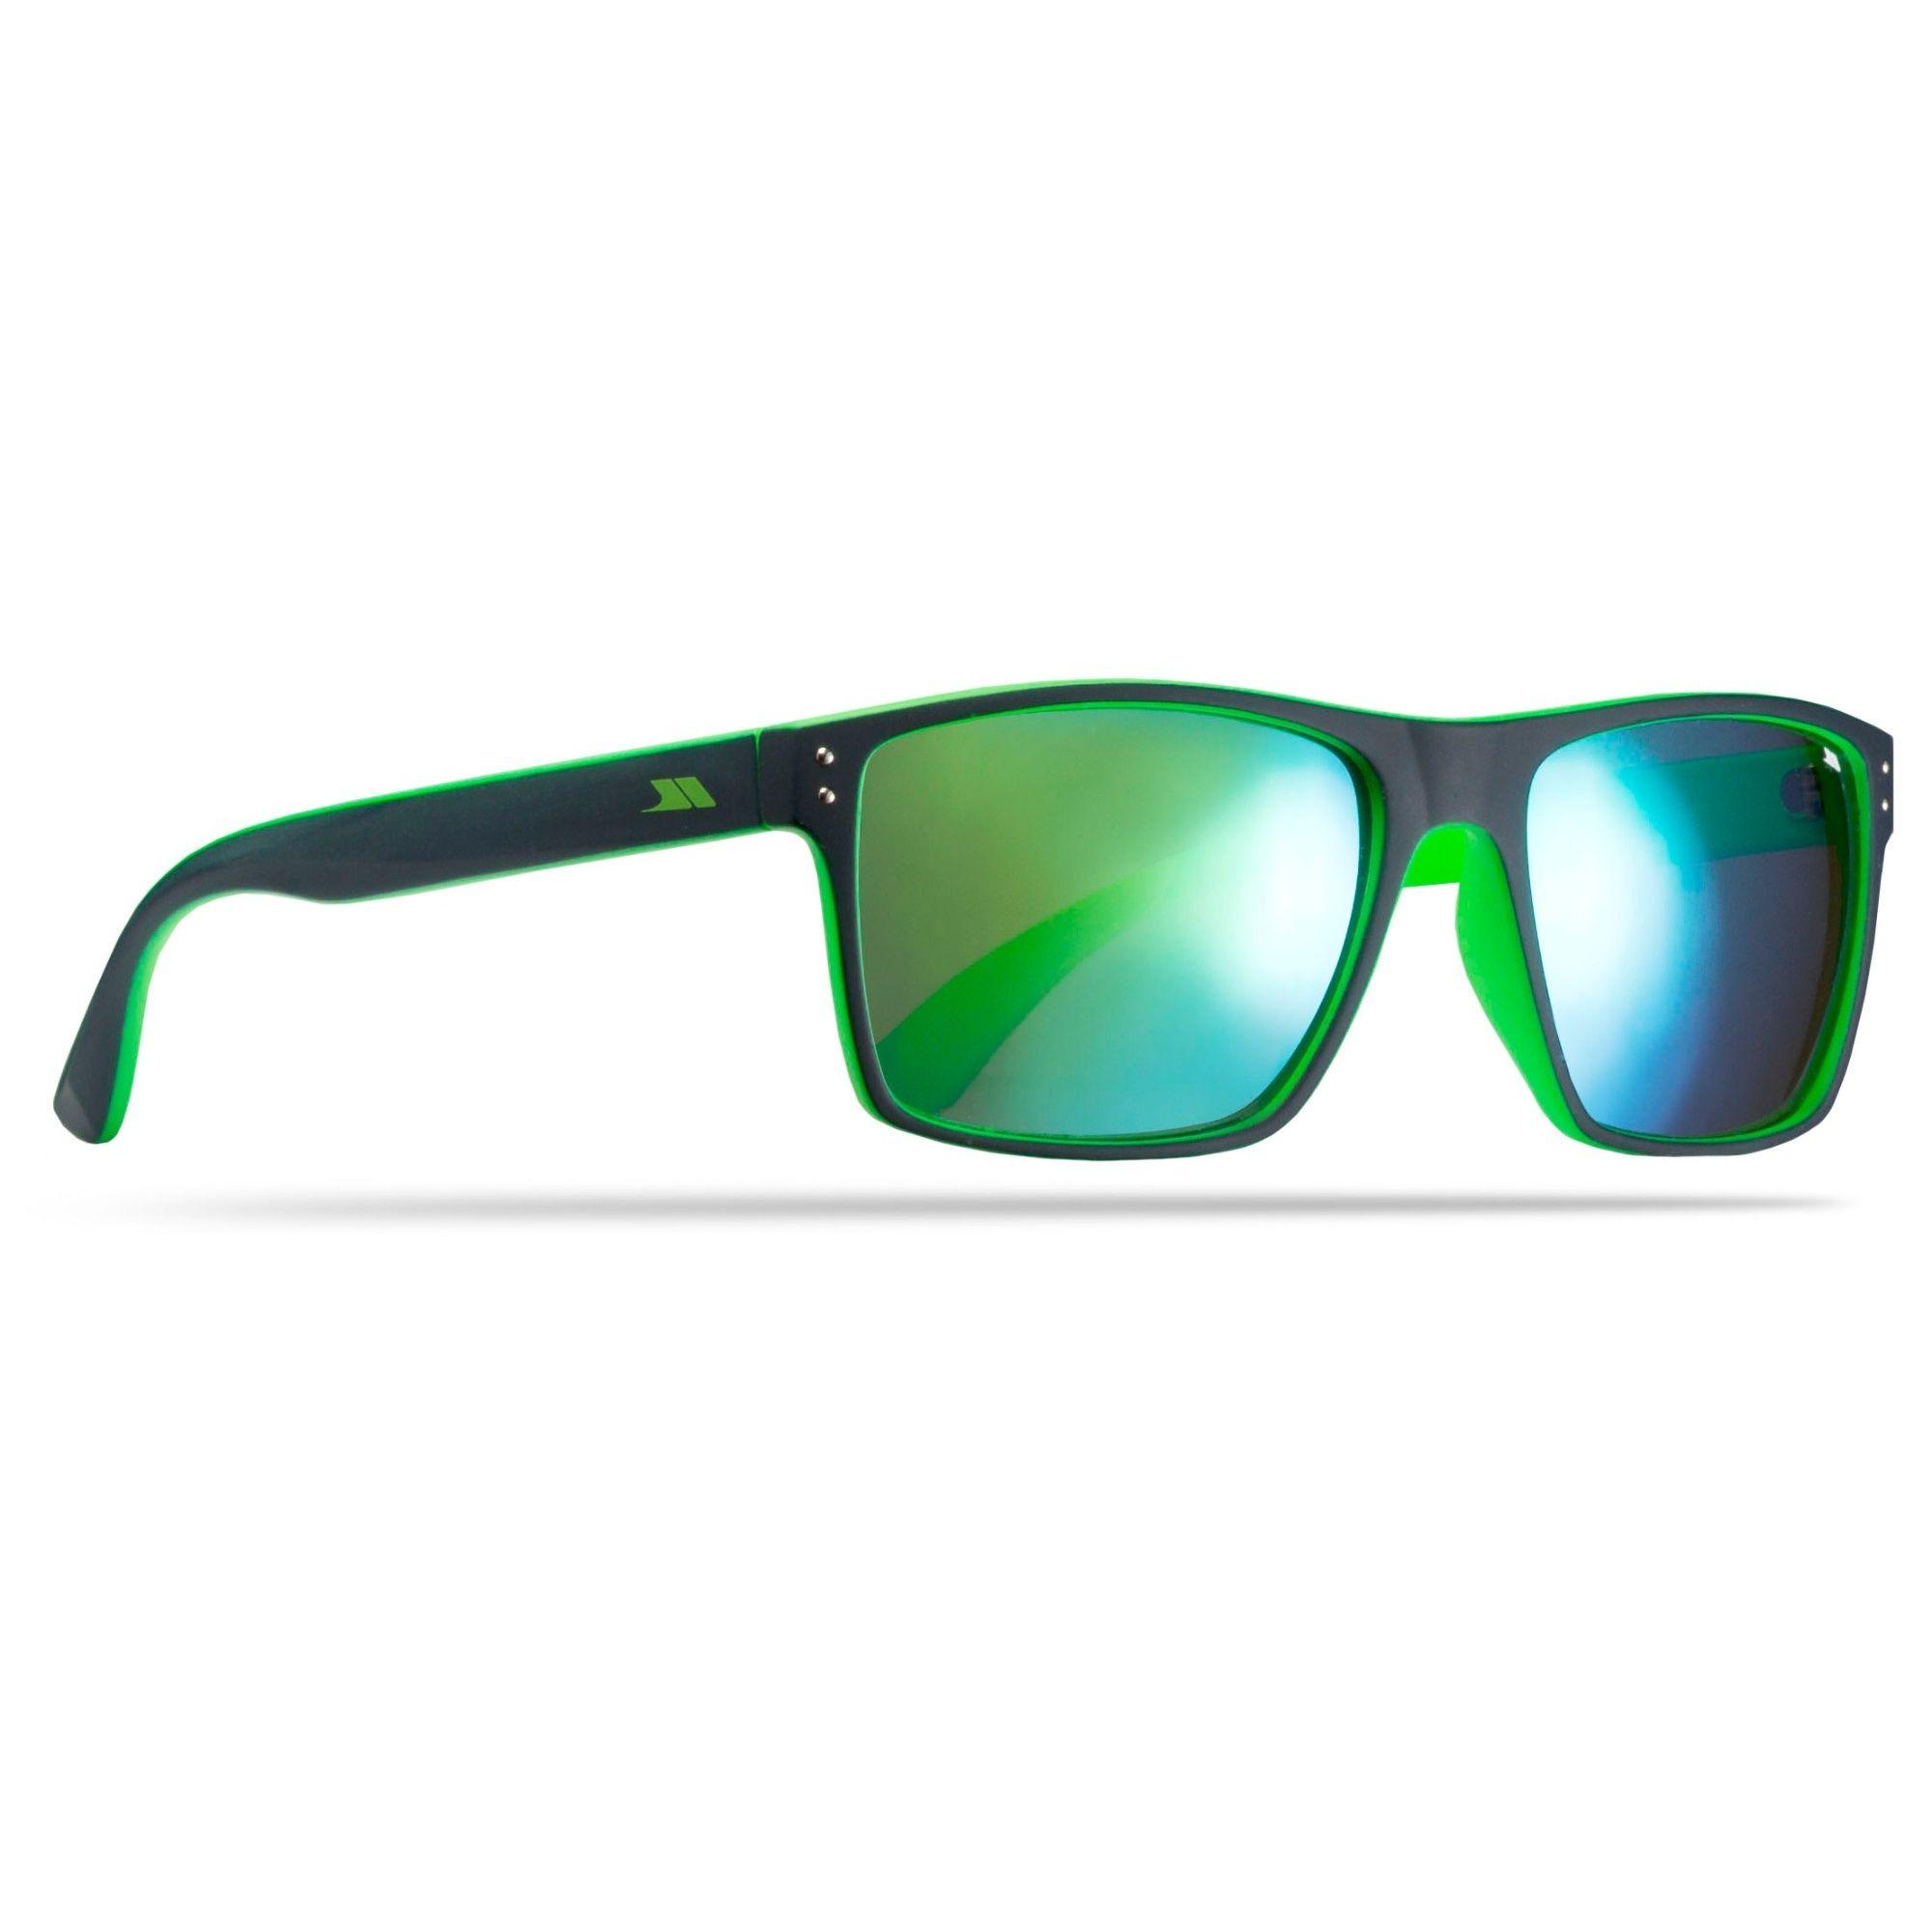 Trespass Zest Sunglasses